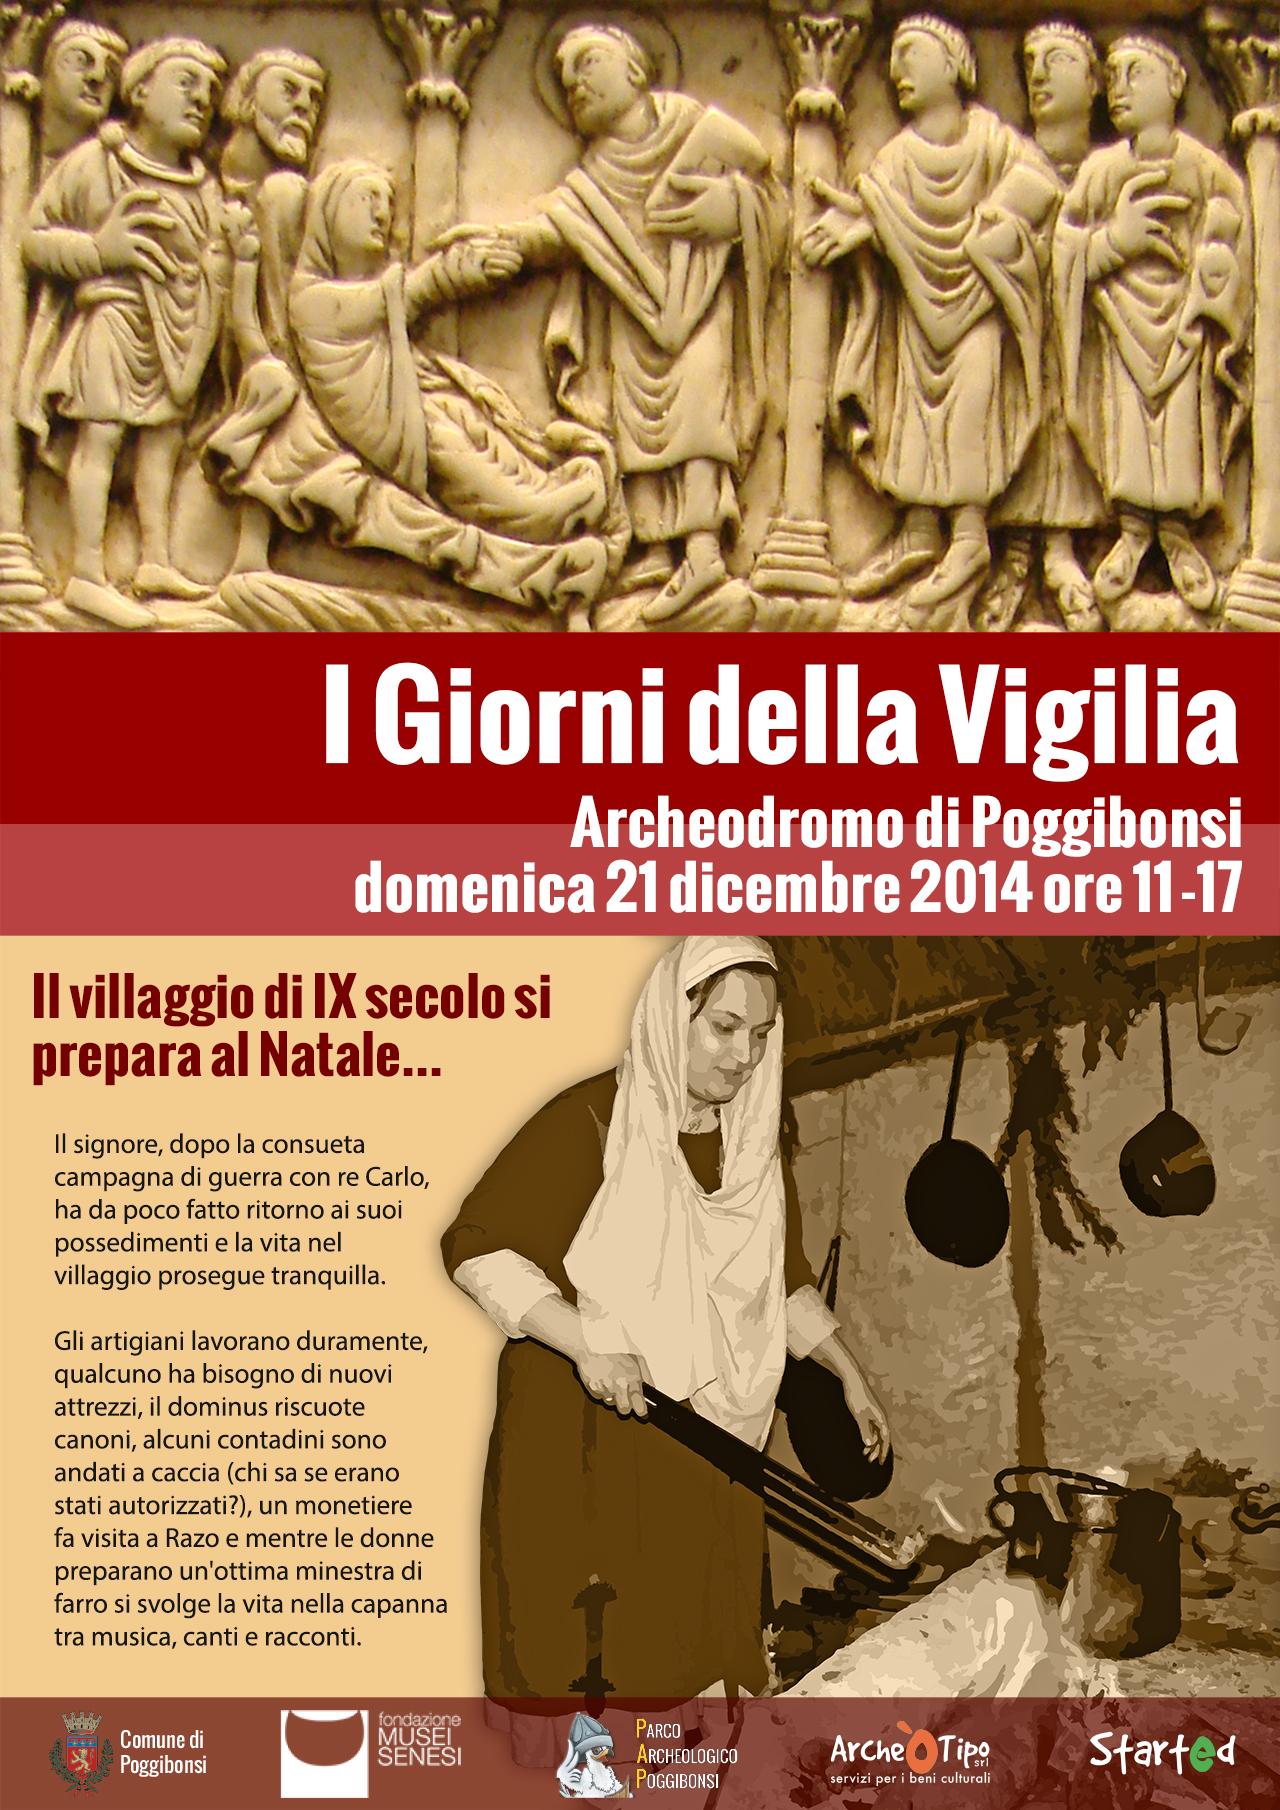 I giorni della Vigilia (Archeodromo, domenica 21 dicembre 2014)